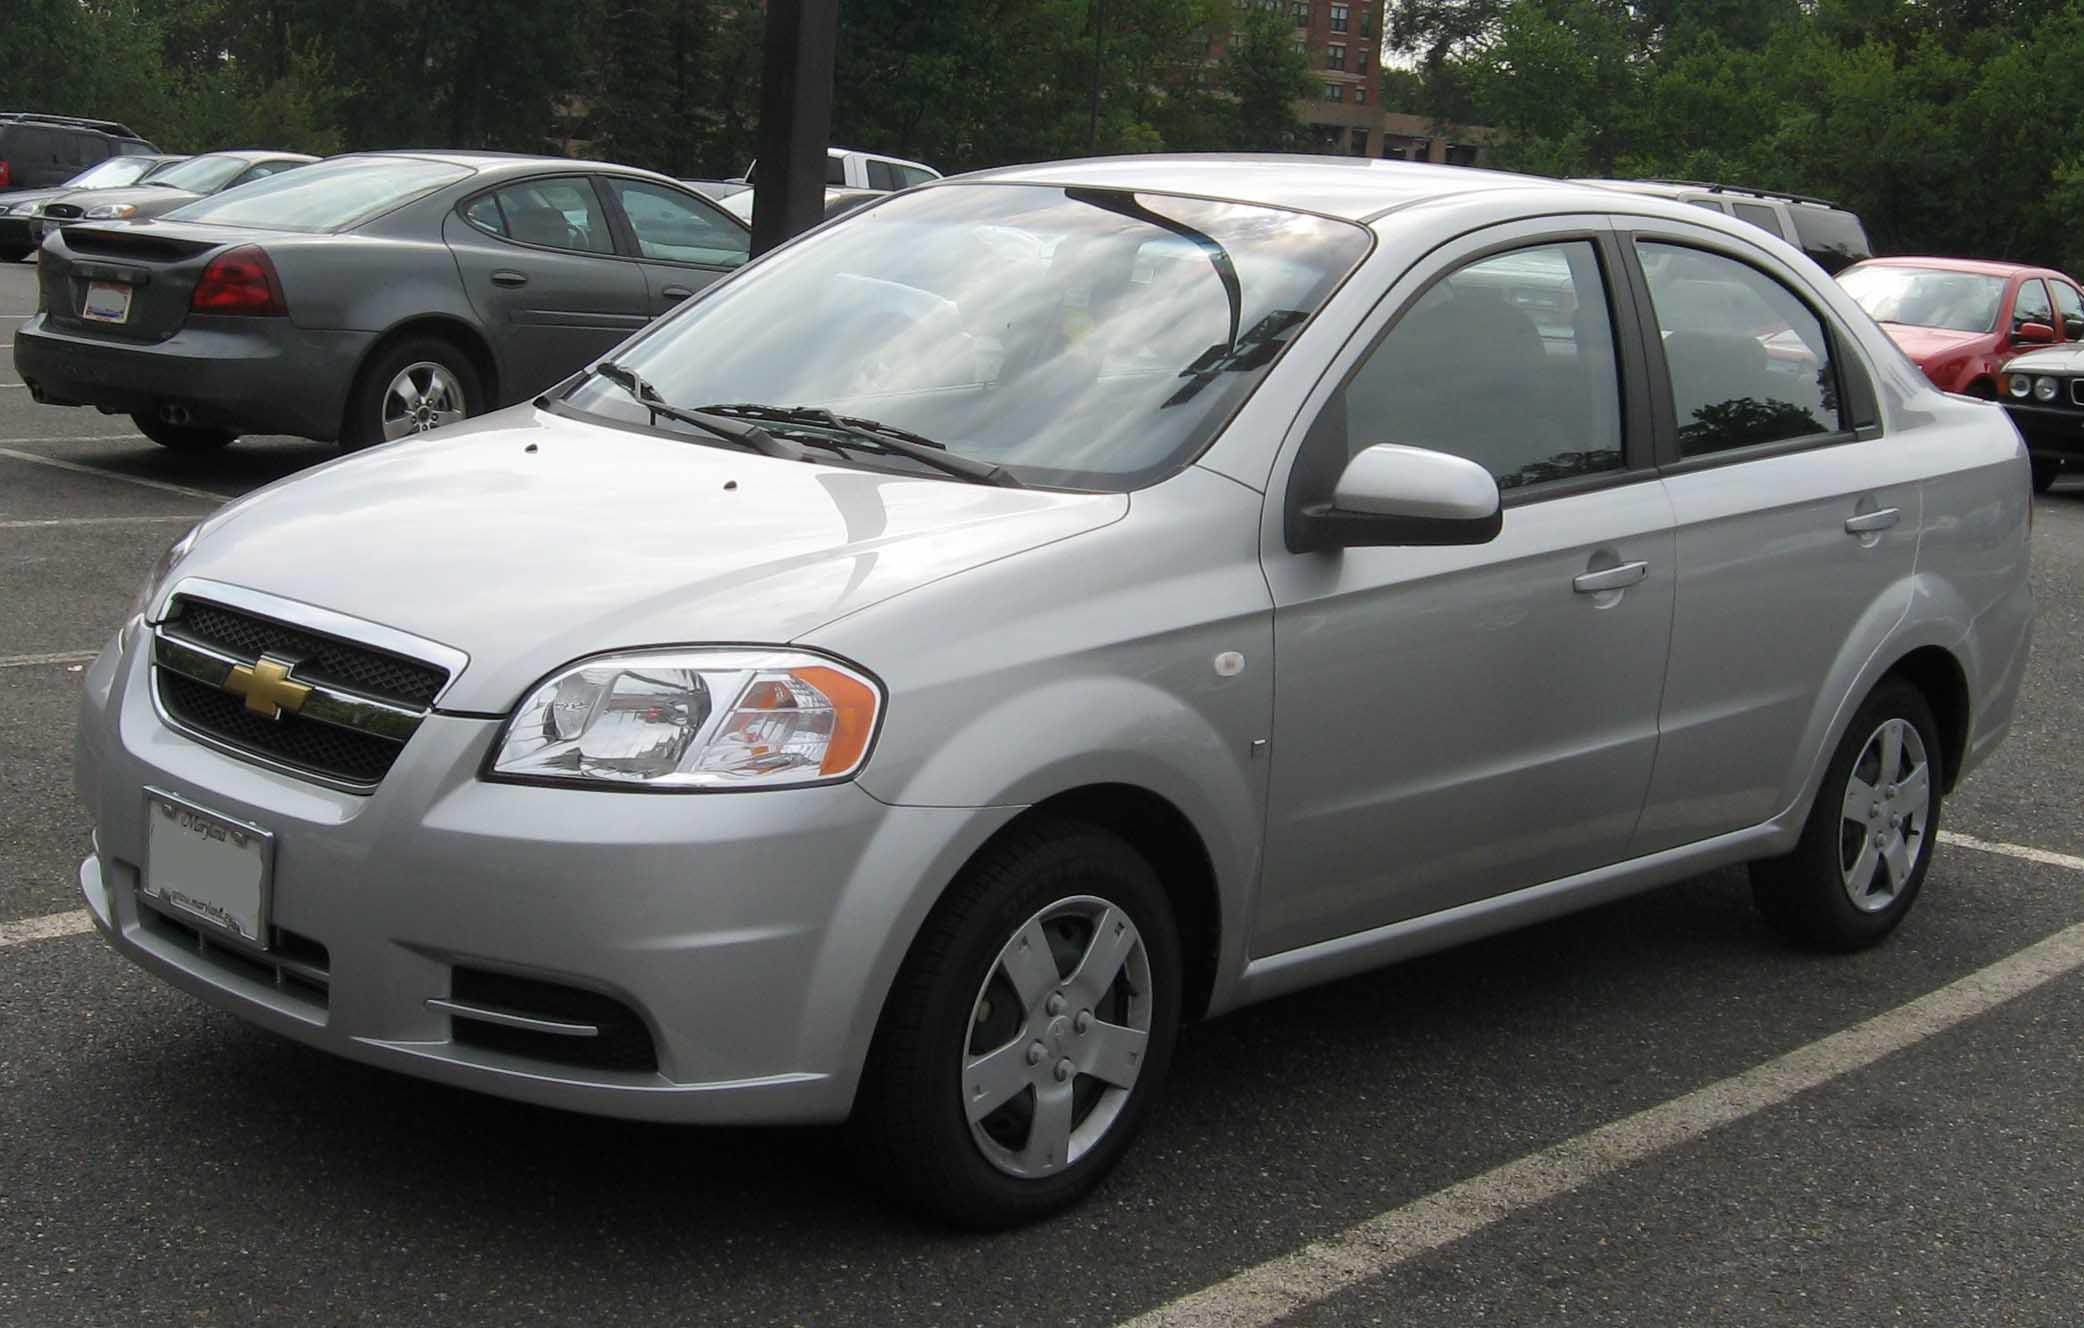 Kelebihan Kekurangan Chevrolet Aveo 2007 Perbandingan Harga